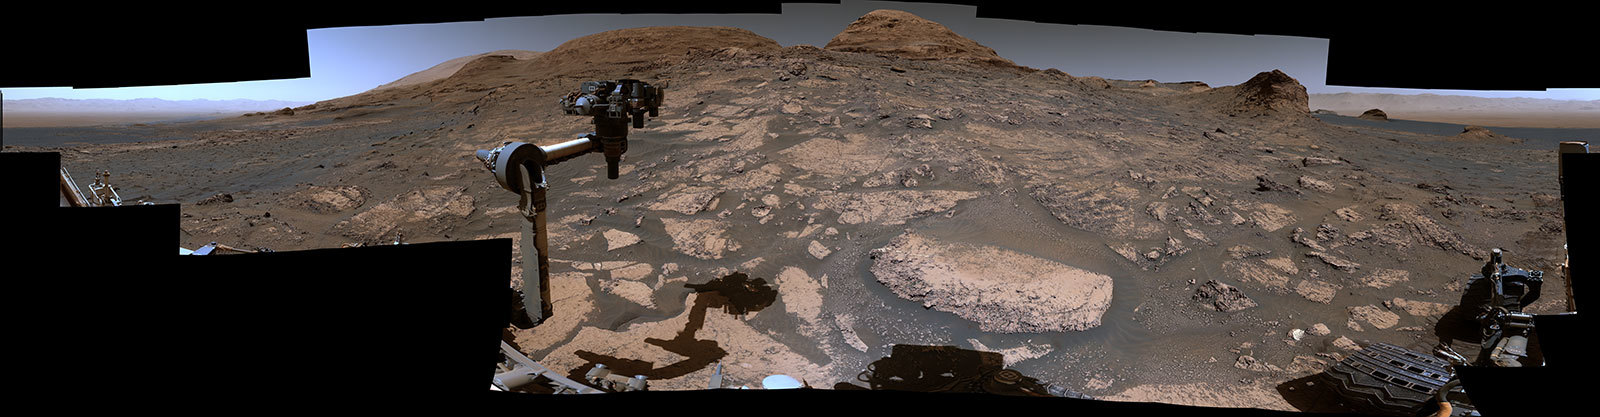 NASA công bố ảnh toàn cảnh góc rộng đánh dấu 9 năm robot Curiosity lên Hỏa tinh